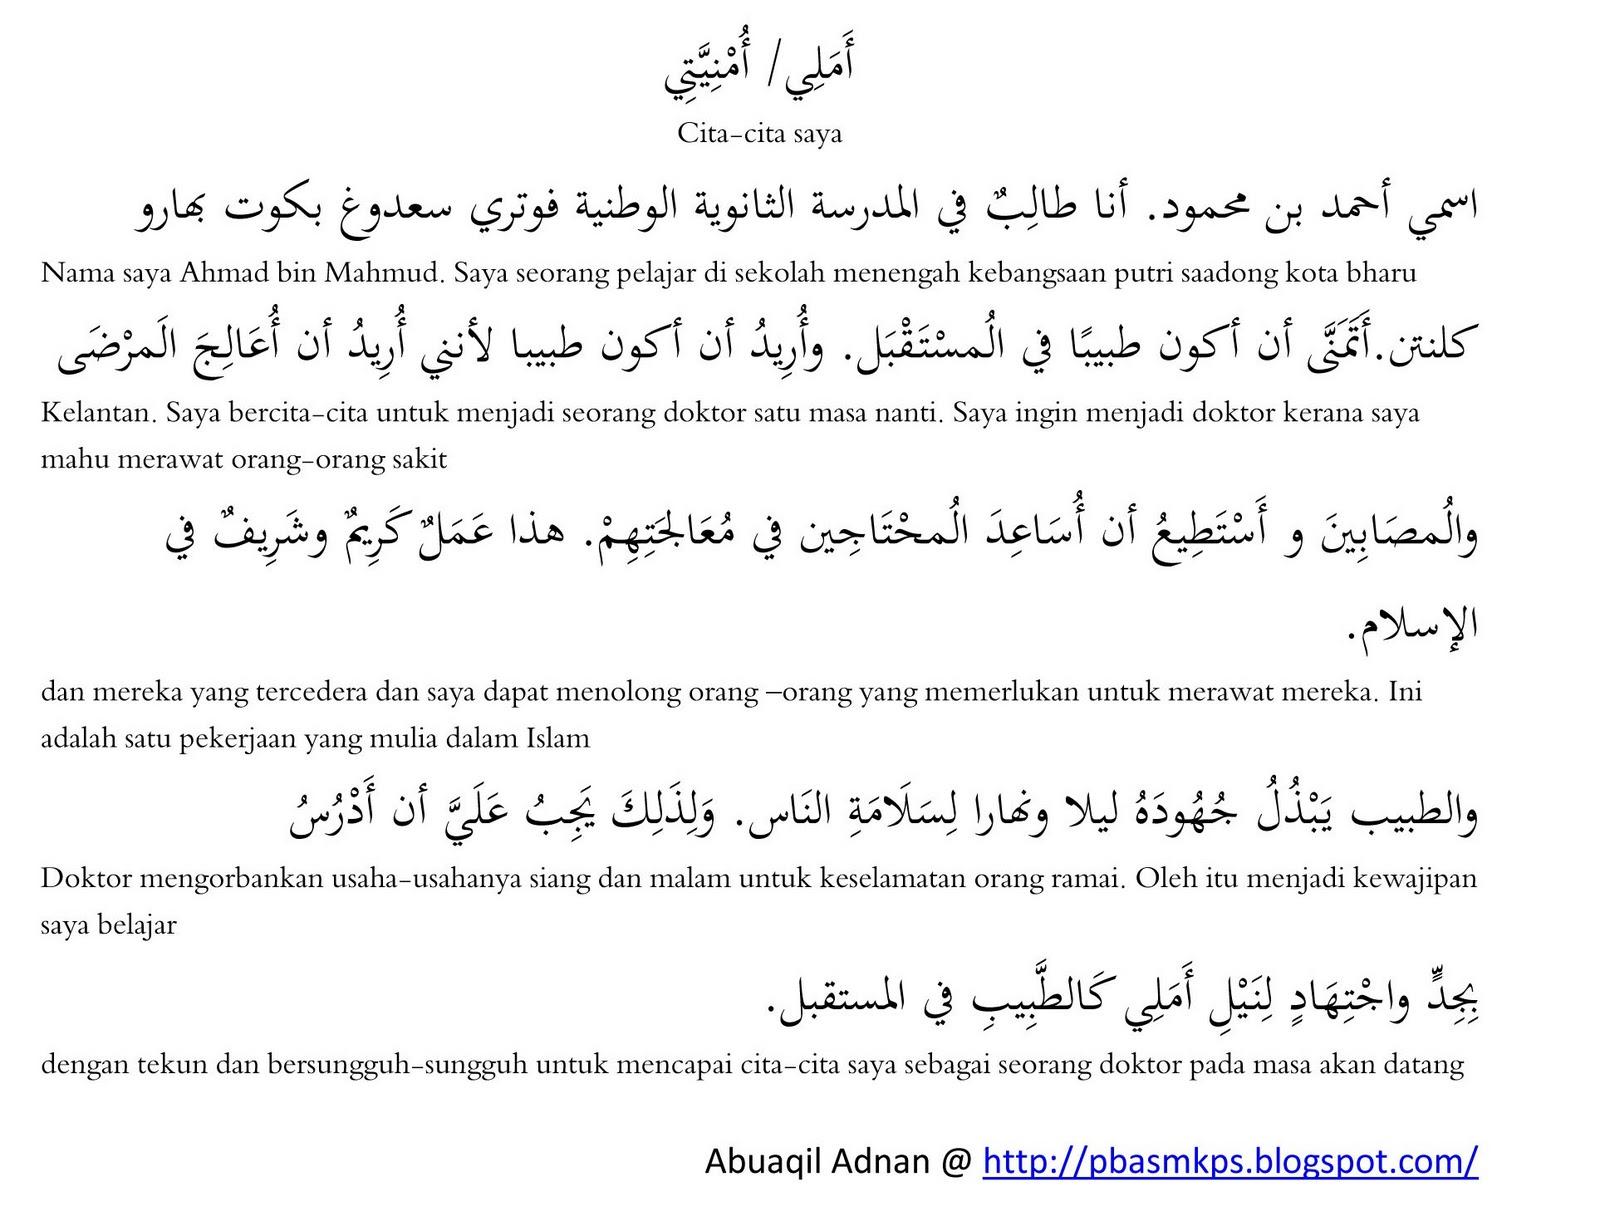 karangan solat dalam bahasa arab Bagaimana pula jika kita berdoa dengan doa redaksi sendiri di dalam shalat   hambali (lihat al-mughni karangan ibn qudamah 1/320-322): boleh  itu  hendaknya dalam bahasa arab, bukan dengan bahasa-bahasa.